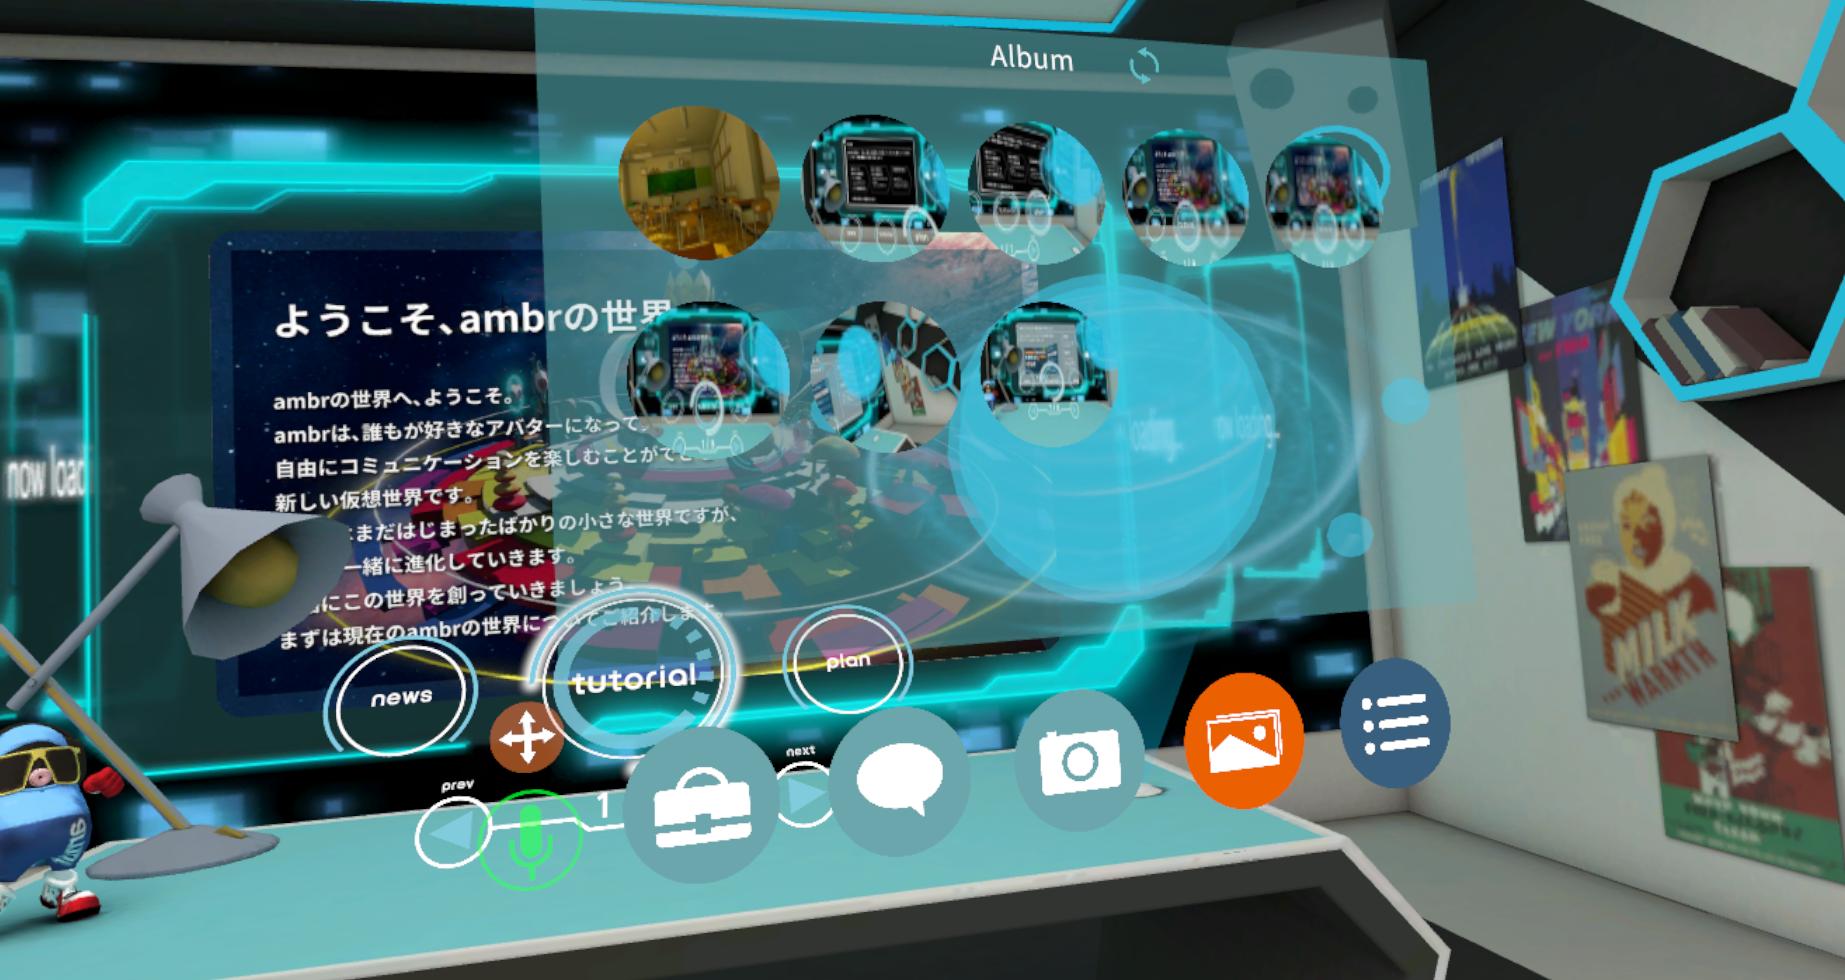 VR SNS【ambr】のメニュー説明8